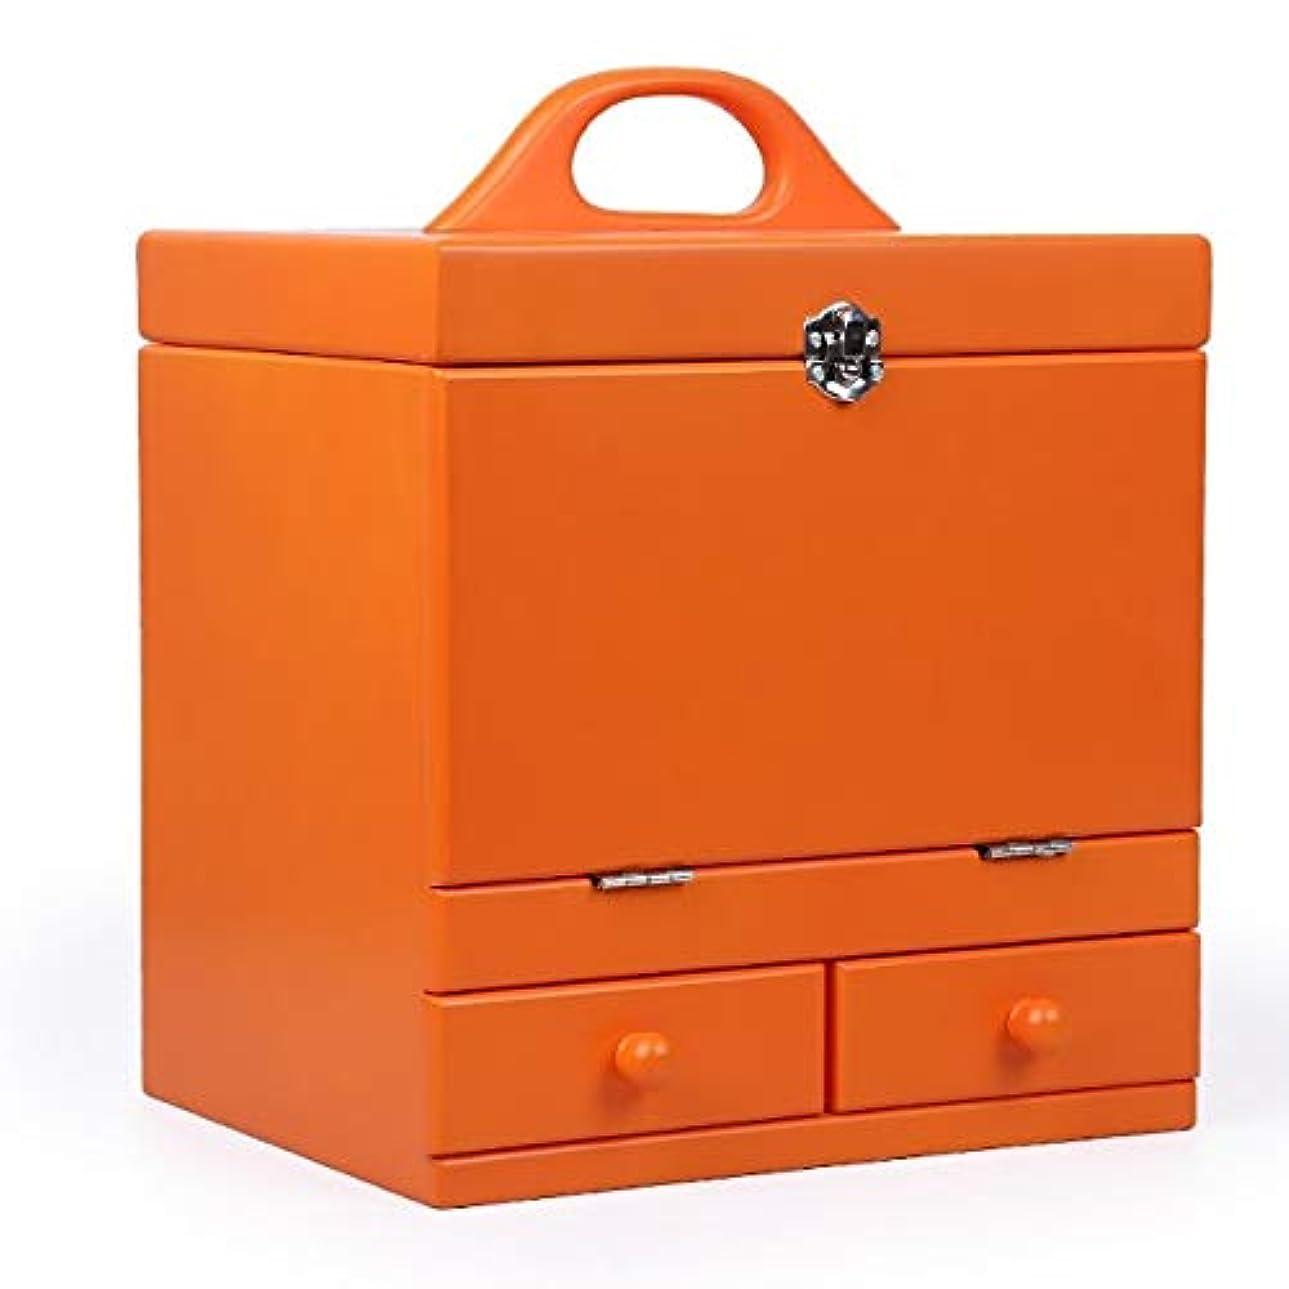 信号想像力豊かな生産性化粧箱、オレンジ二重デッキヴィンテージ木製彫刻化粧品ケース、ミラー、高級ウェディングギフト、新築祝いギフト、美容ネイルジュエリー収納ボックス